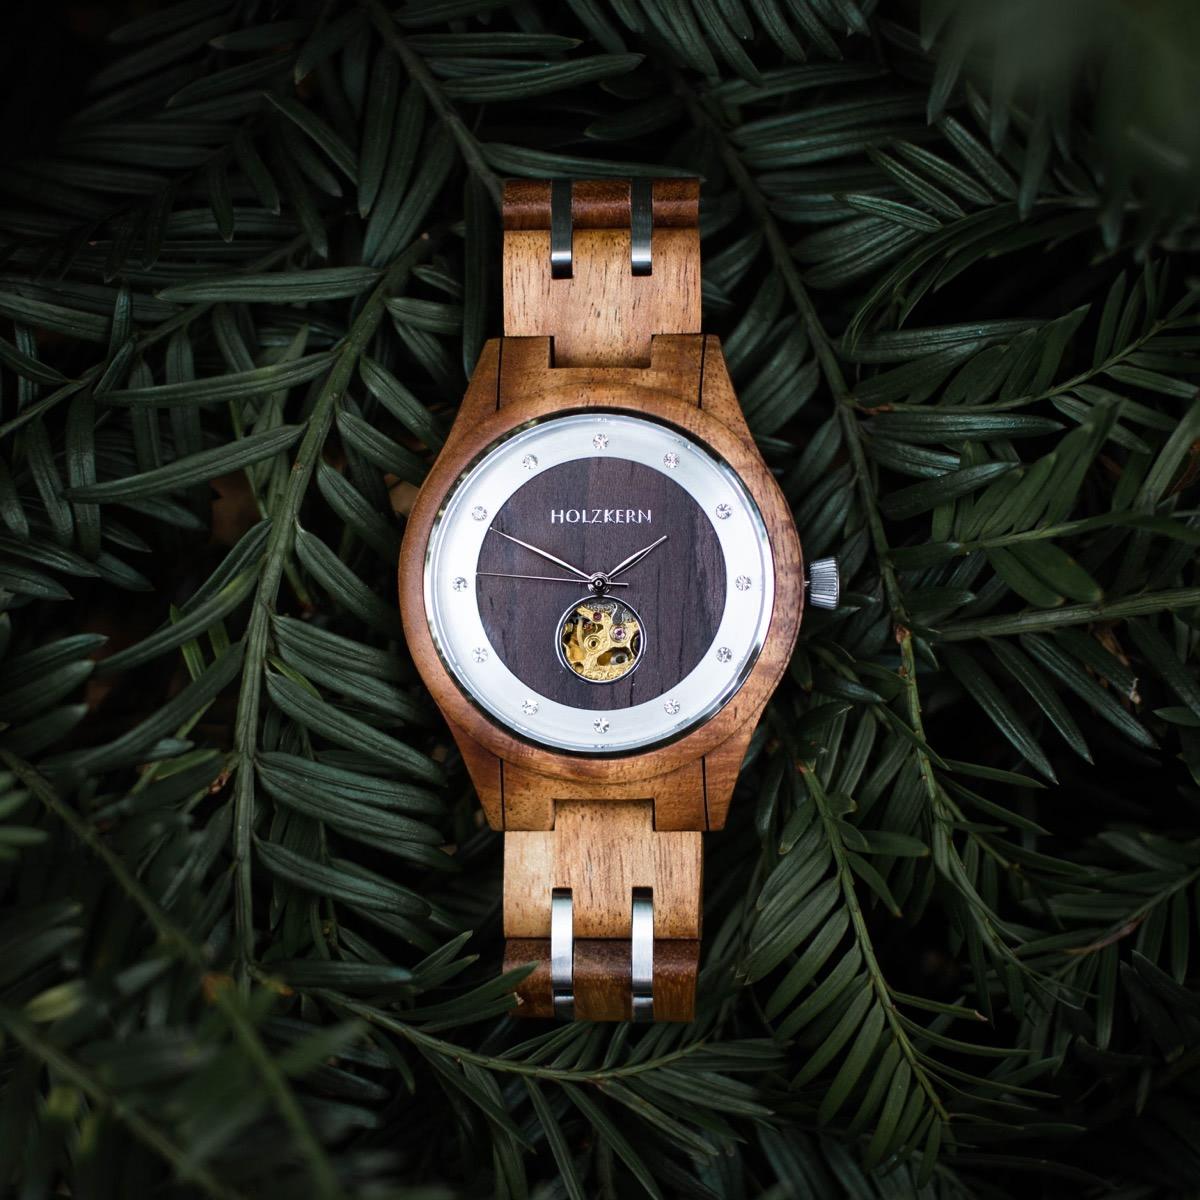 Holzkern Automatik-Holzuhr für Damen namens Gretel aus Walnuss und Leadwood auf grünen Tannenzweigen